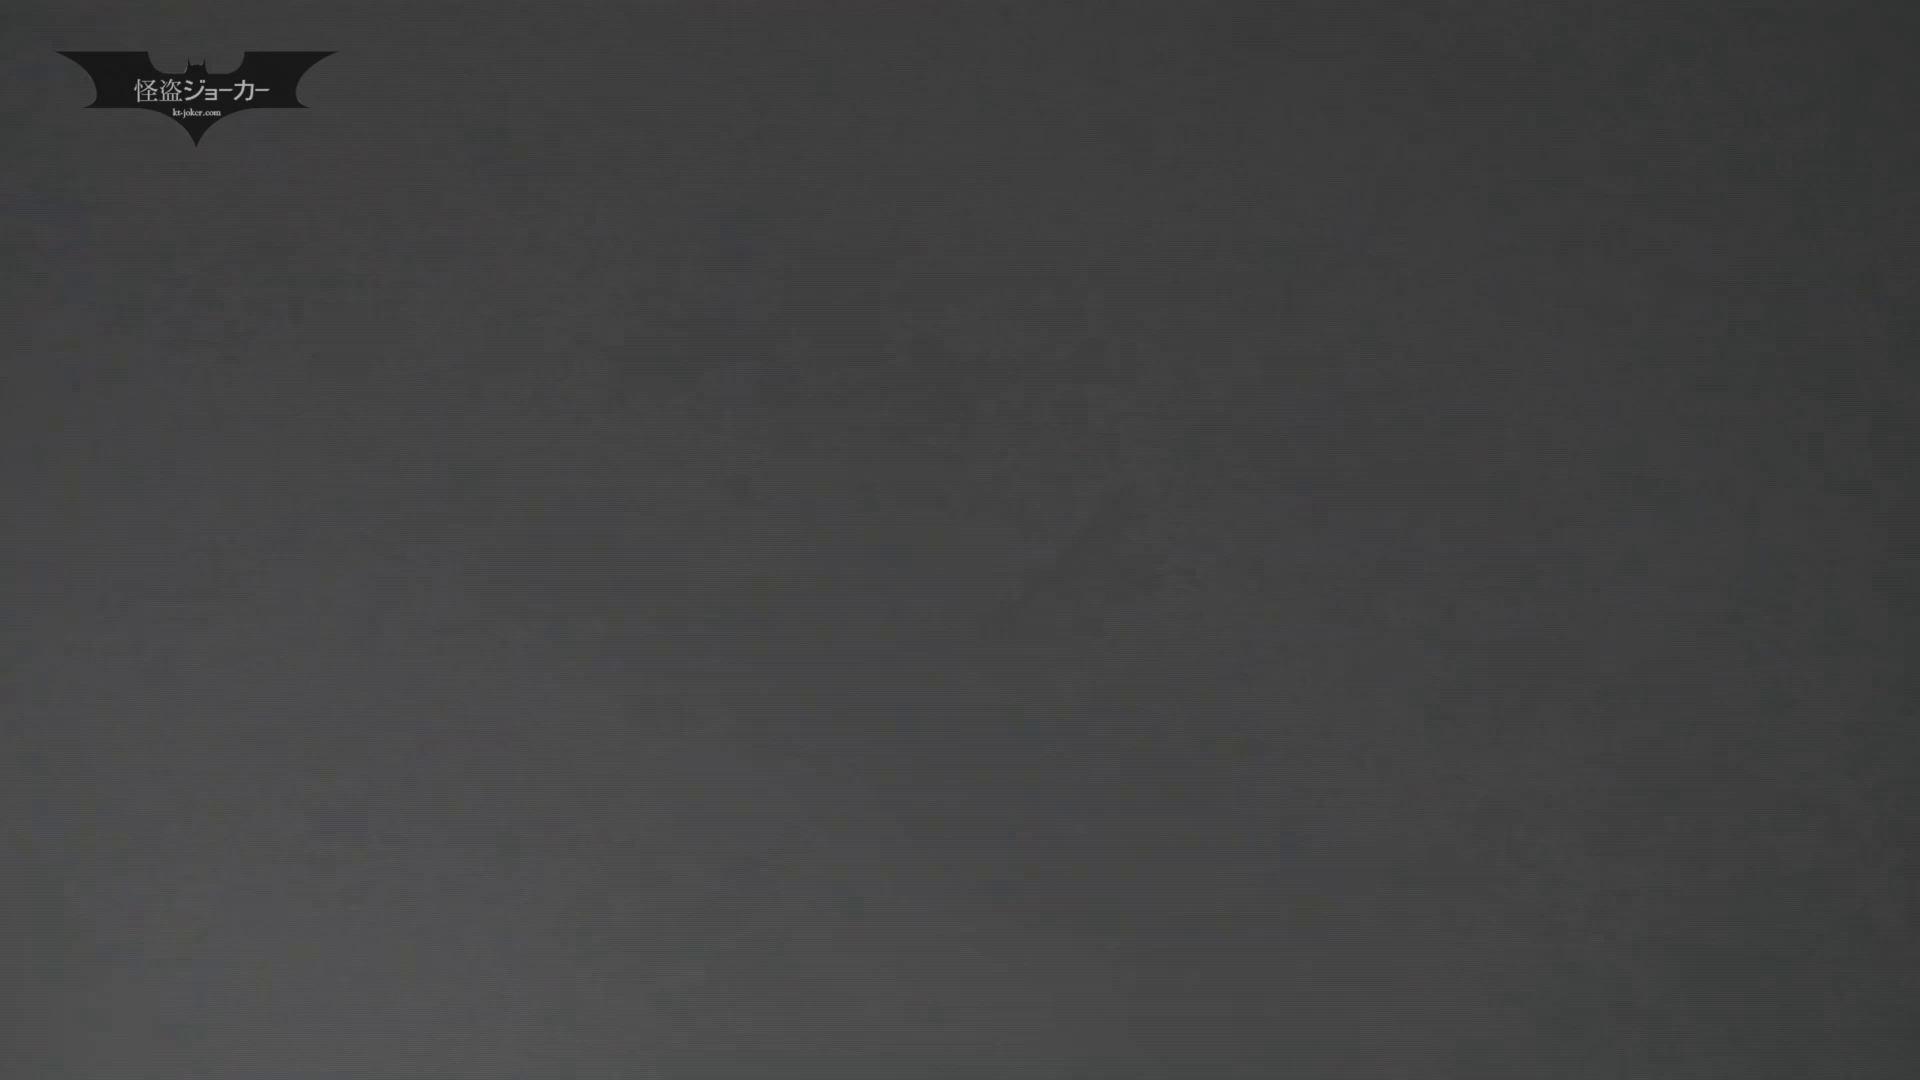 潜入!!台湾名門女学院 Vol.11 三尻同時狩り OL女体  93連発 8